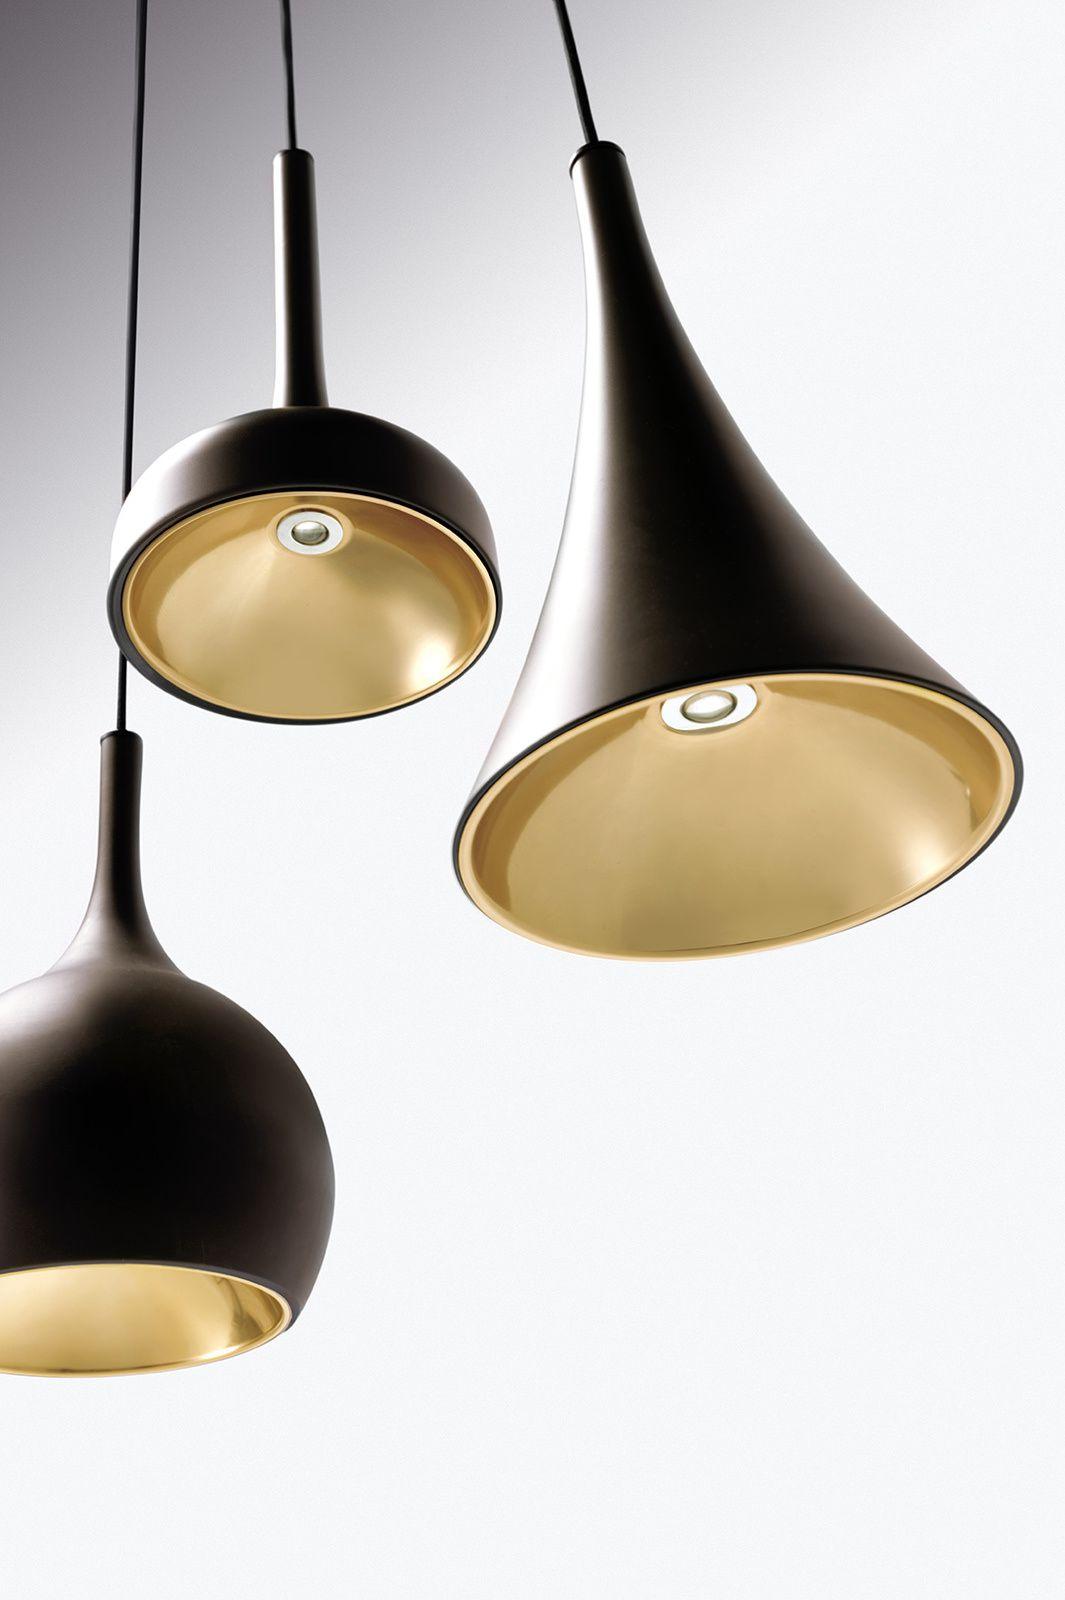 MELPRO distributeur officiel des gammes d'éclairage LEDS-C4 et GROK by Leds-C4, laissez-vous séduire...